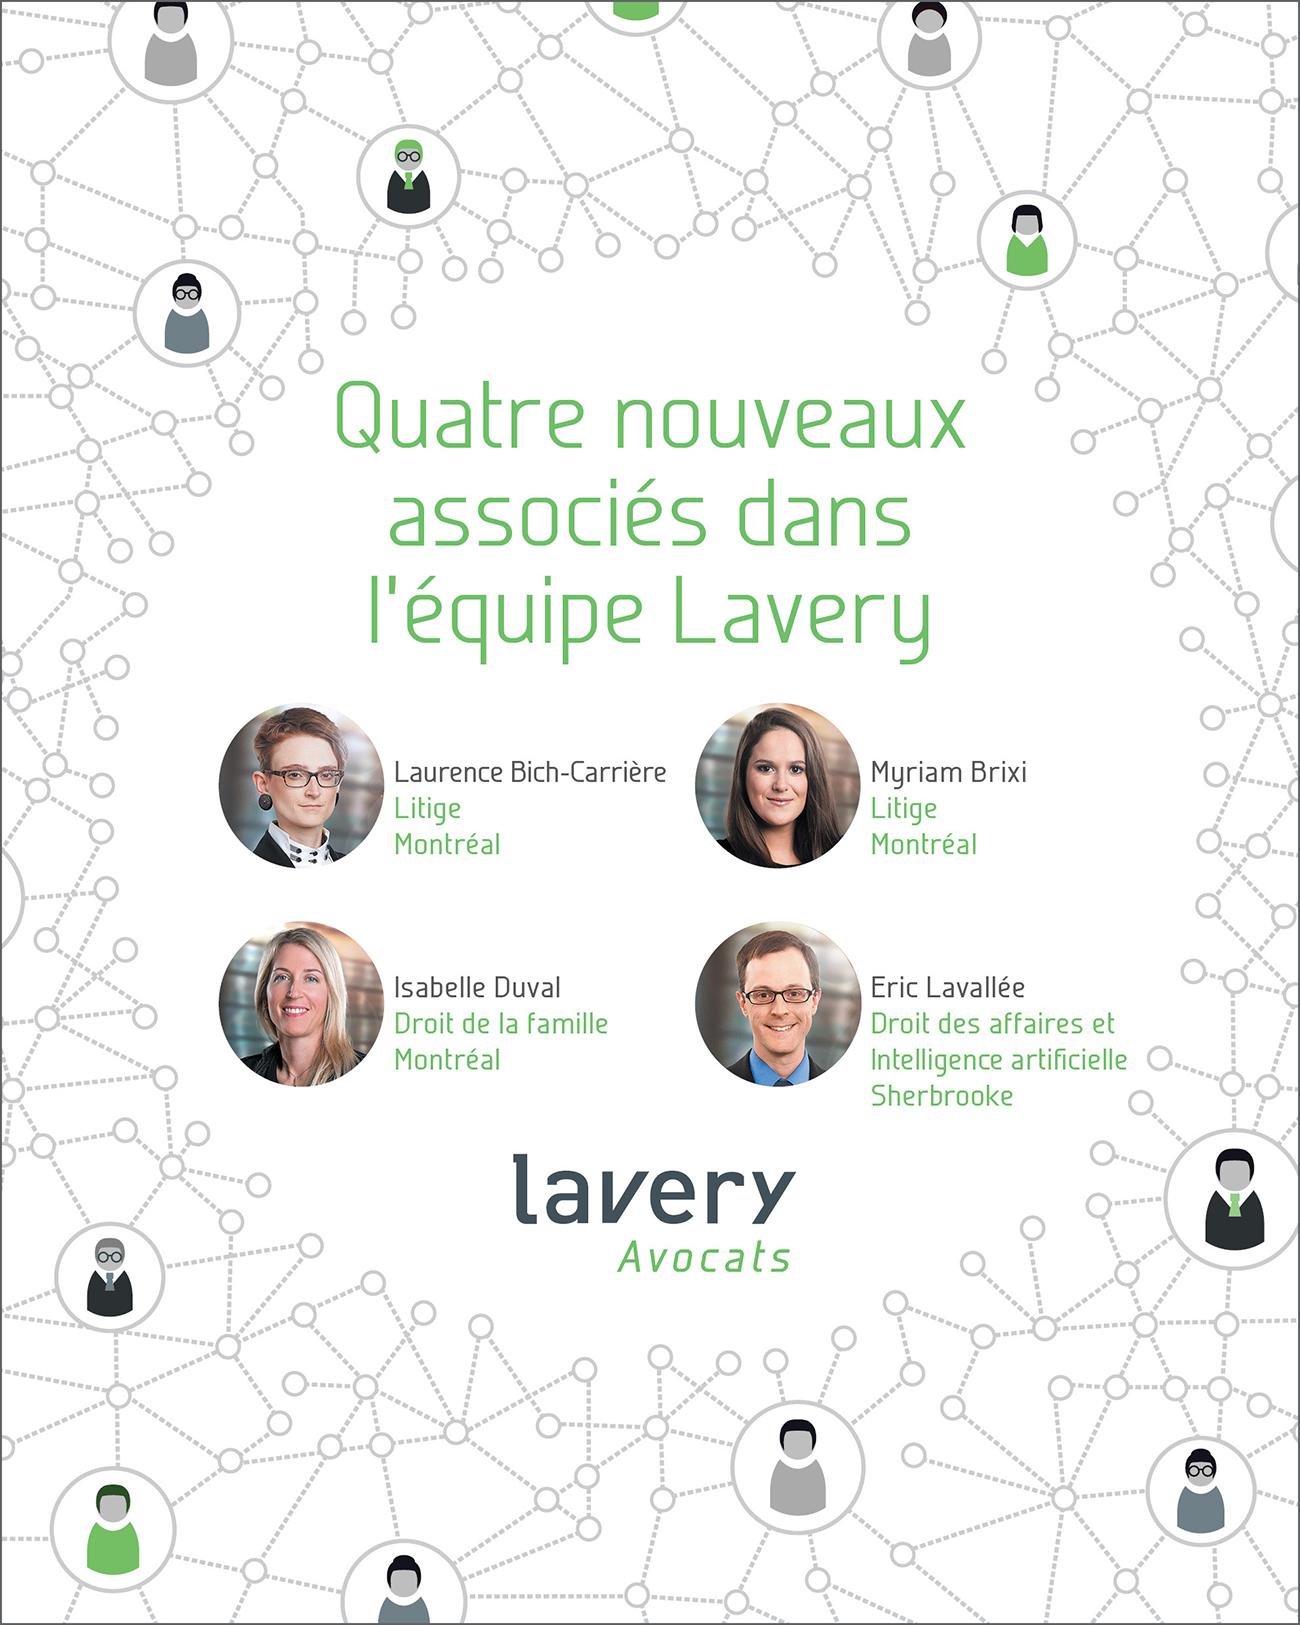 Quatre nouveaux associés dans l'équipe Lavery